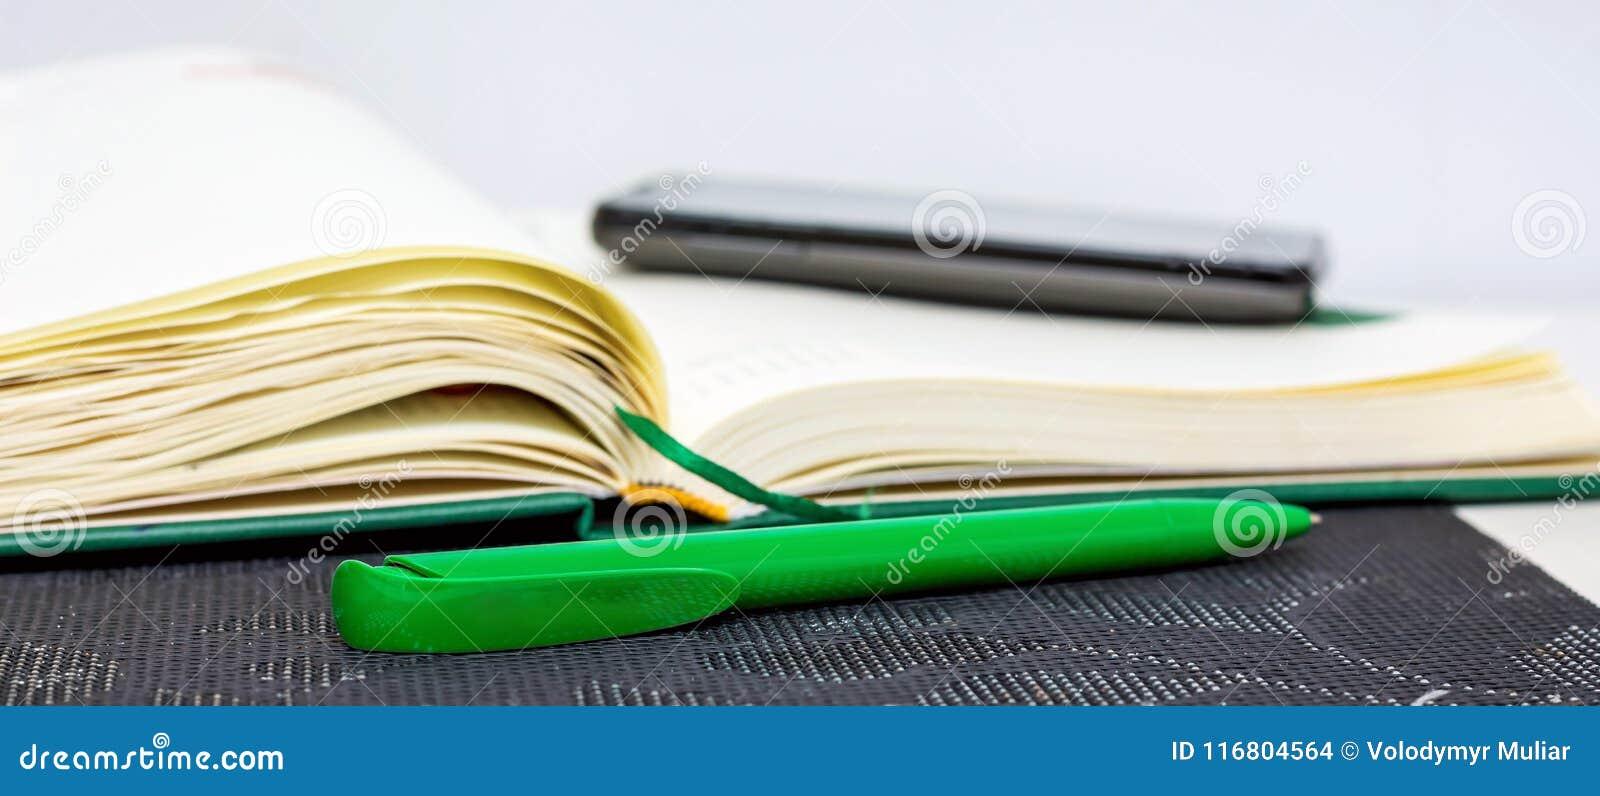 Un taccuino aperto con la penna e telefono per la registrazione importante dentro